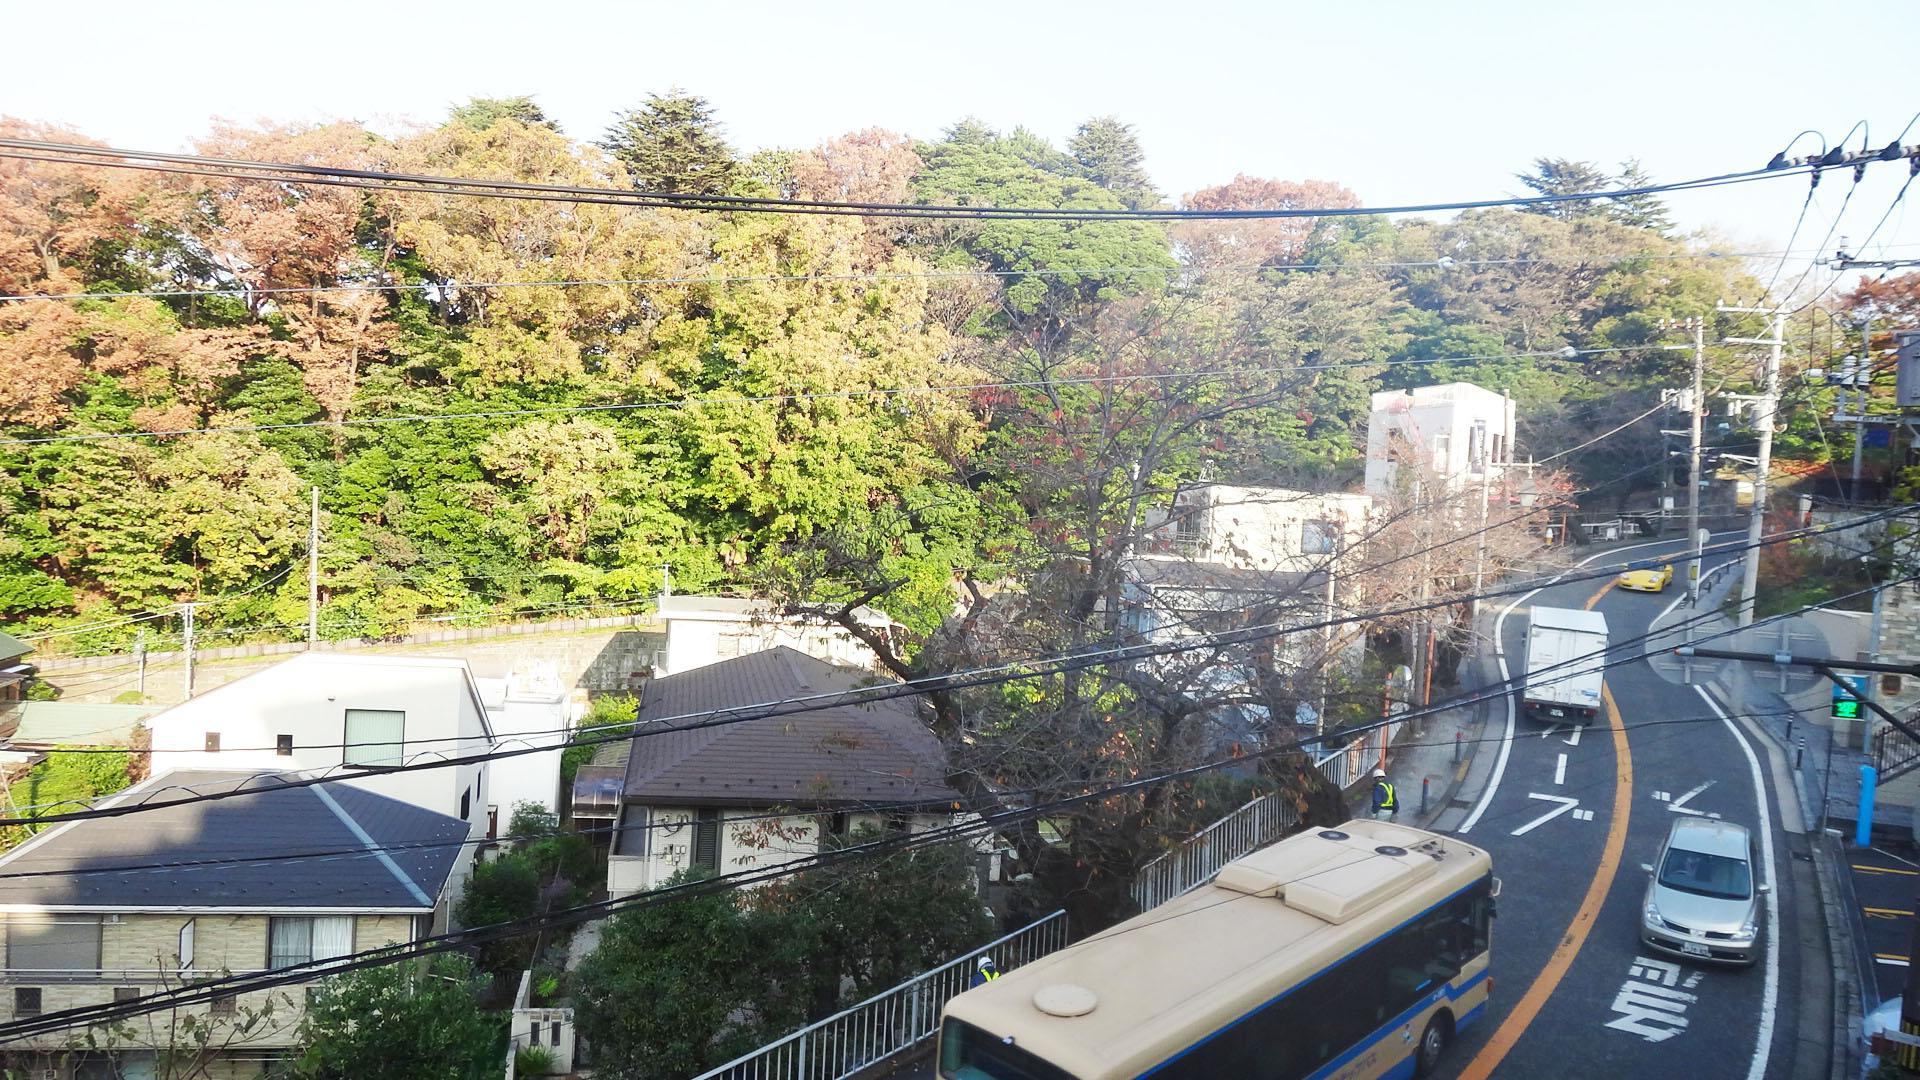 坂を登った先は山手の街並みです。坂沿いには桜の木が立ち並んでいます